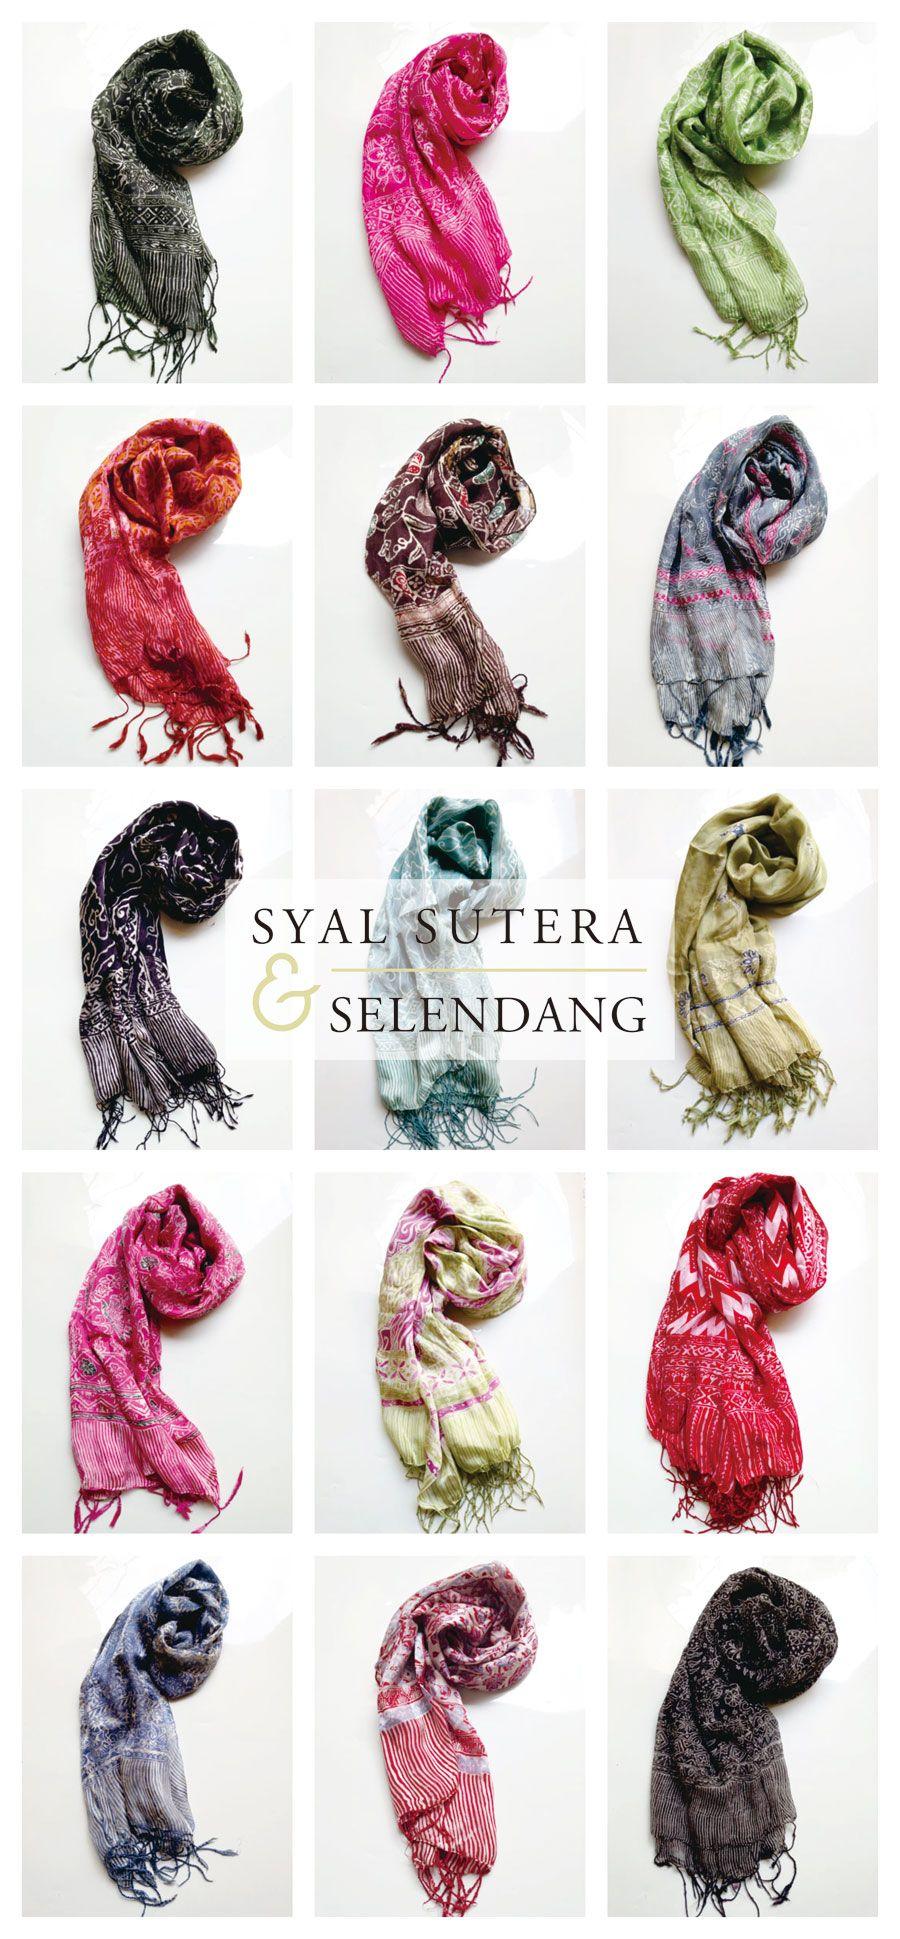 Pin By The Batik On Syal Scarves Wholesale Pinterest Selenddang